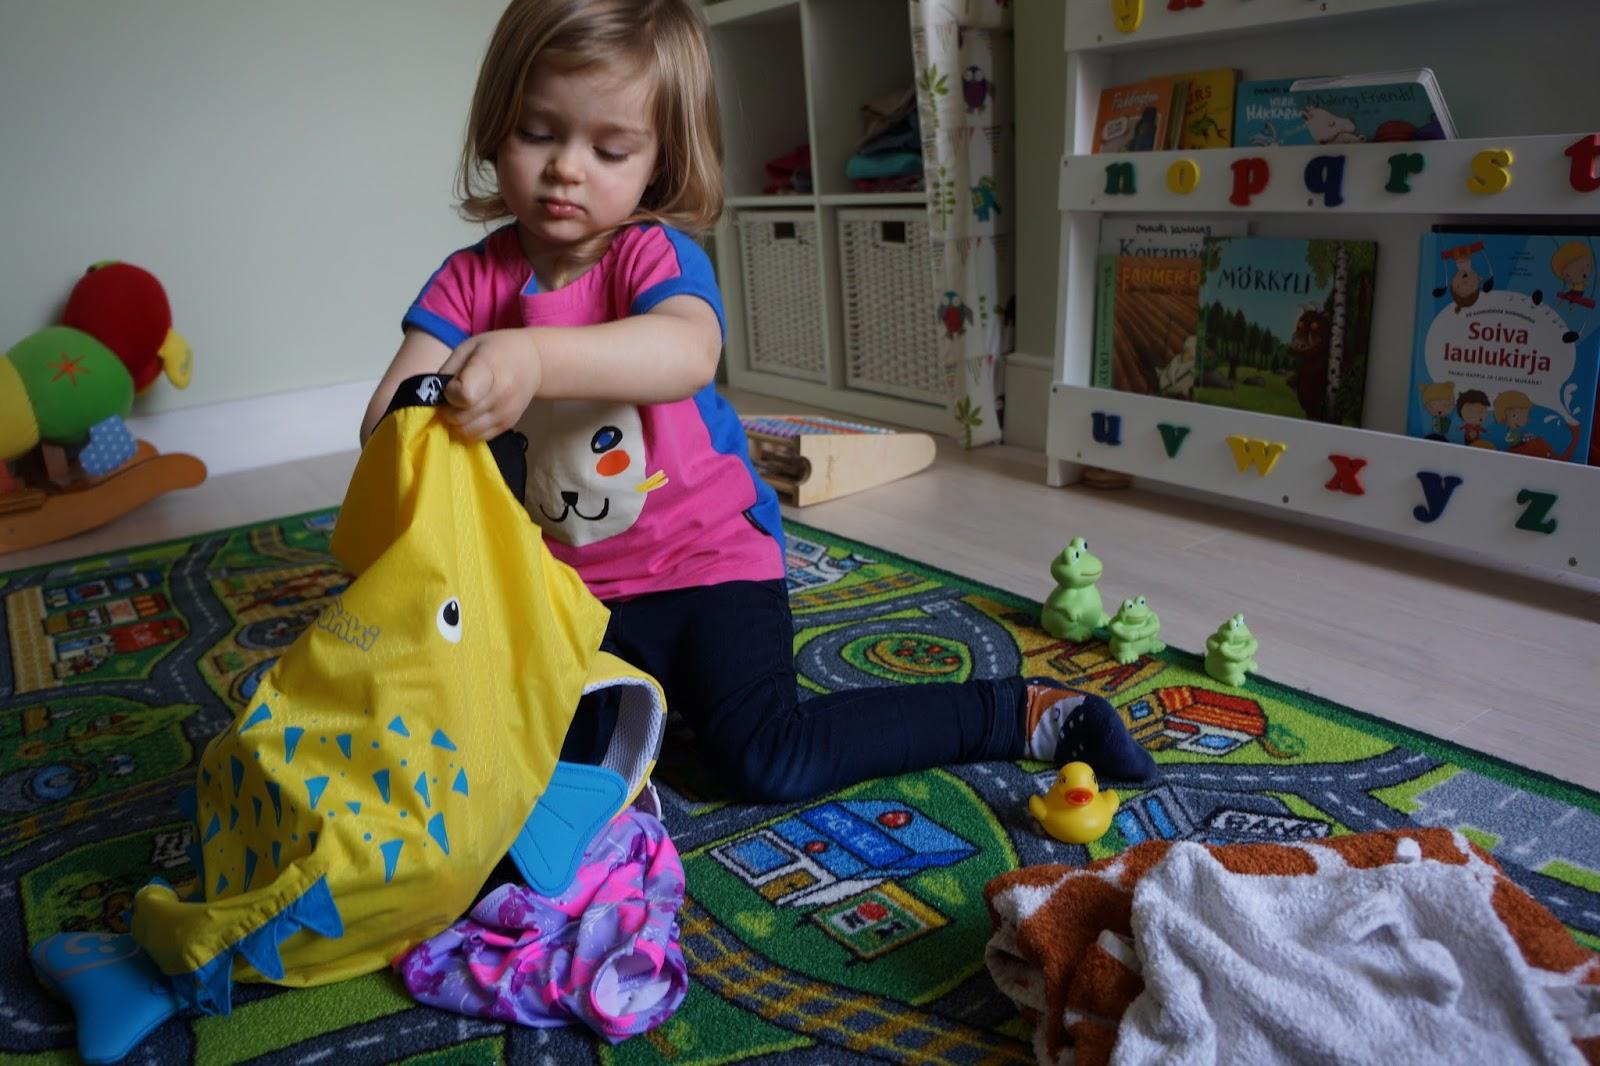 packing trunki paddlepak spike the blowfish backpack